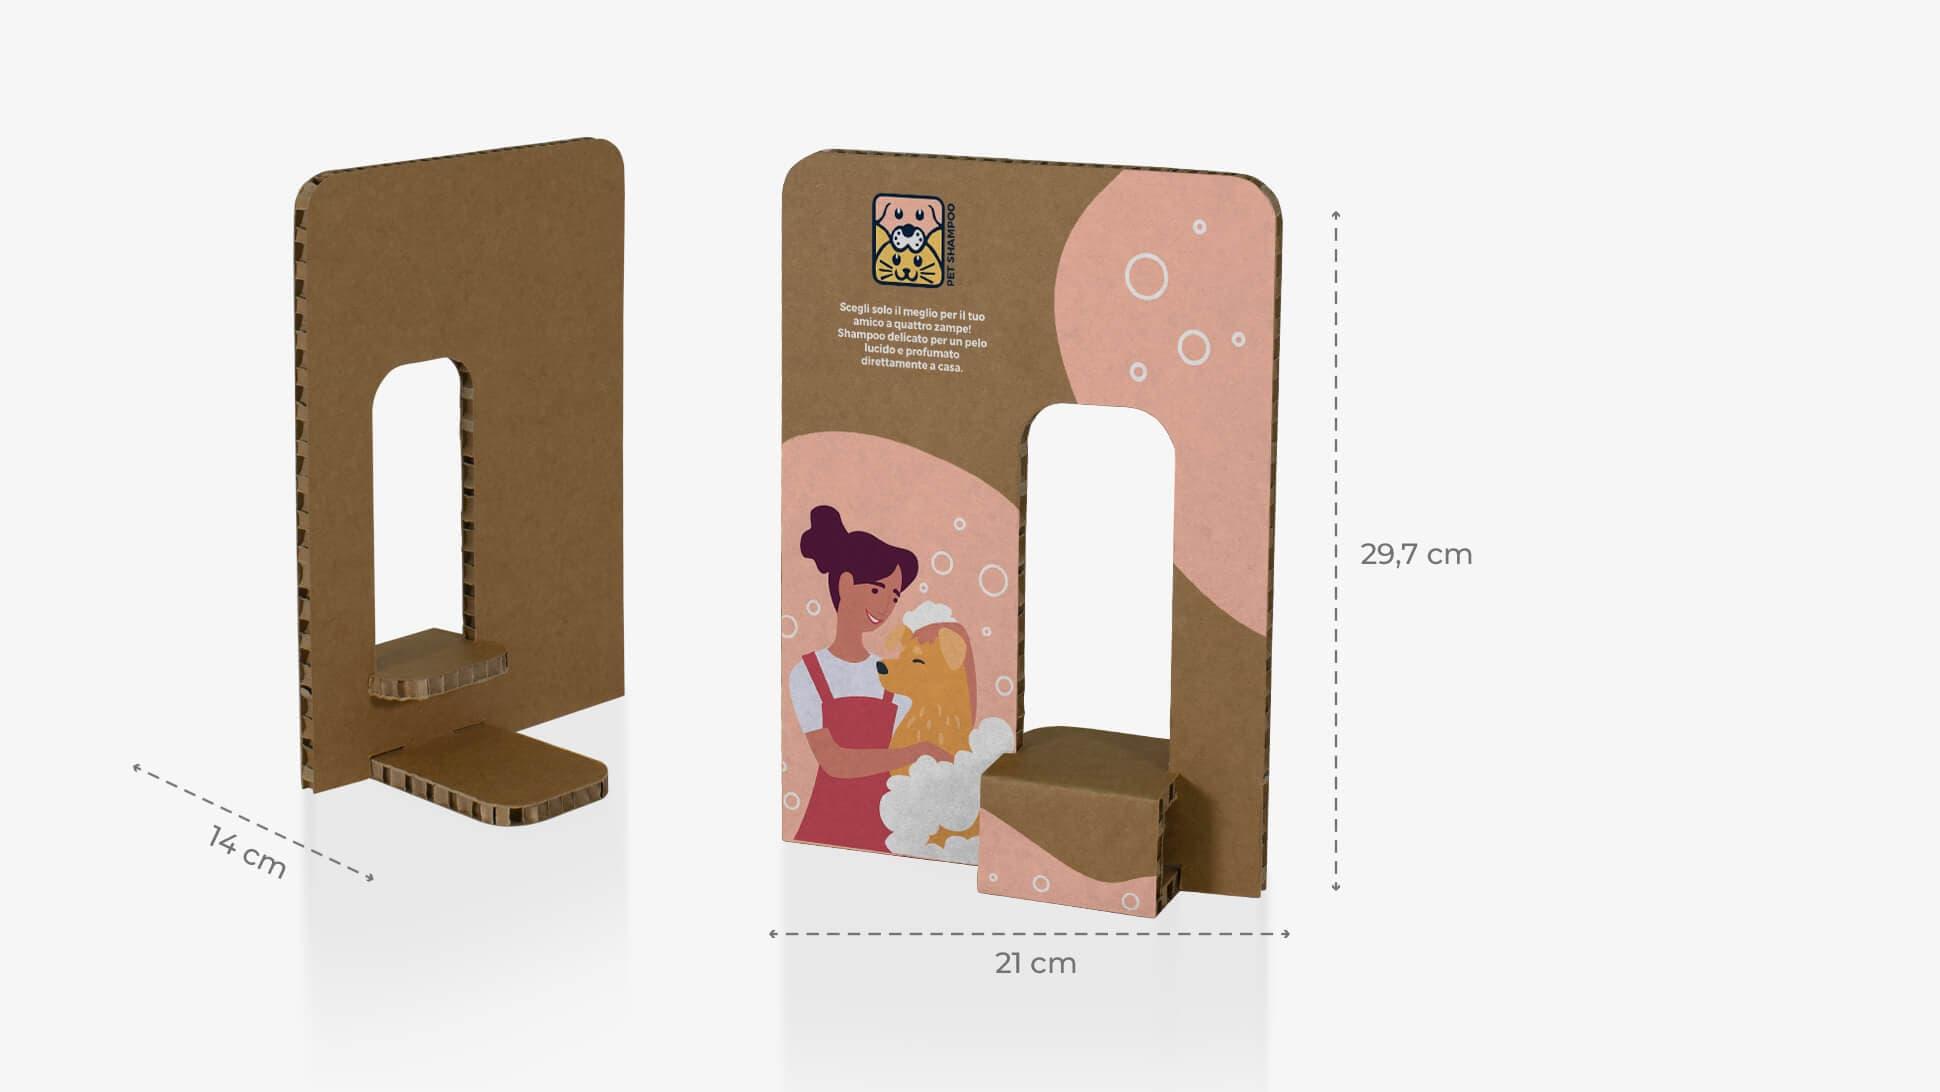 Espositore Kiwi 1 color avana porta prodotti con foro a destra| tictac.it